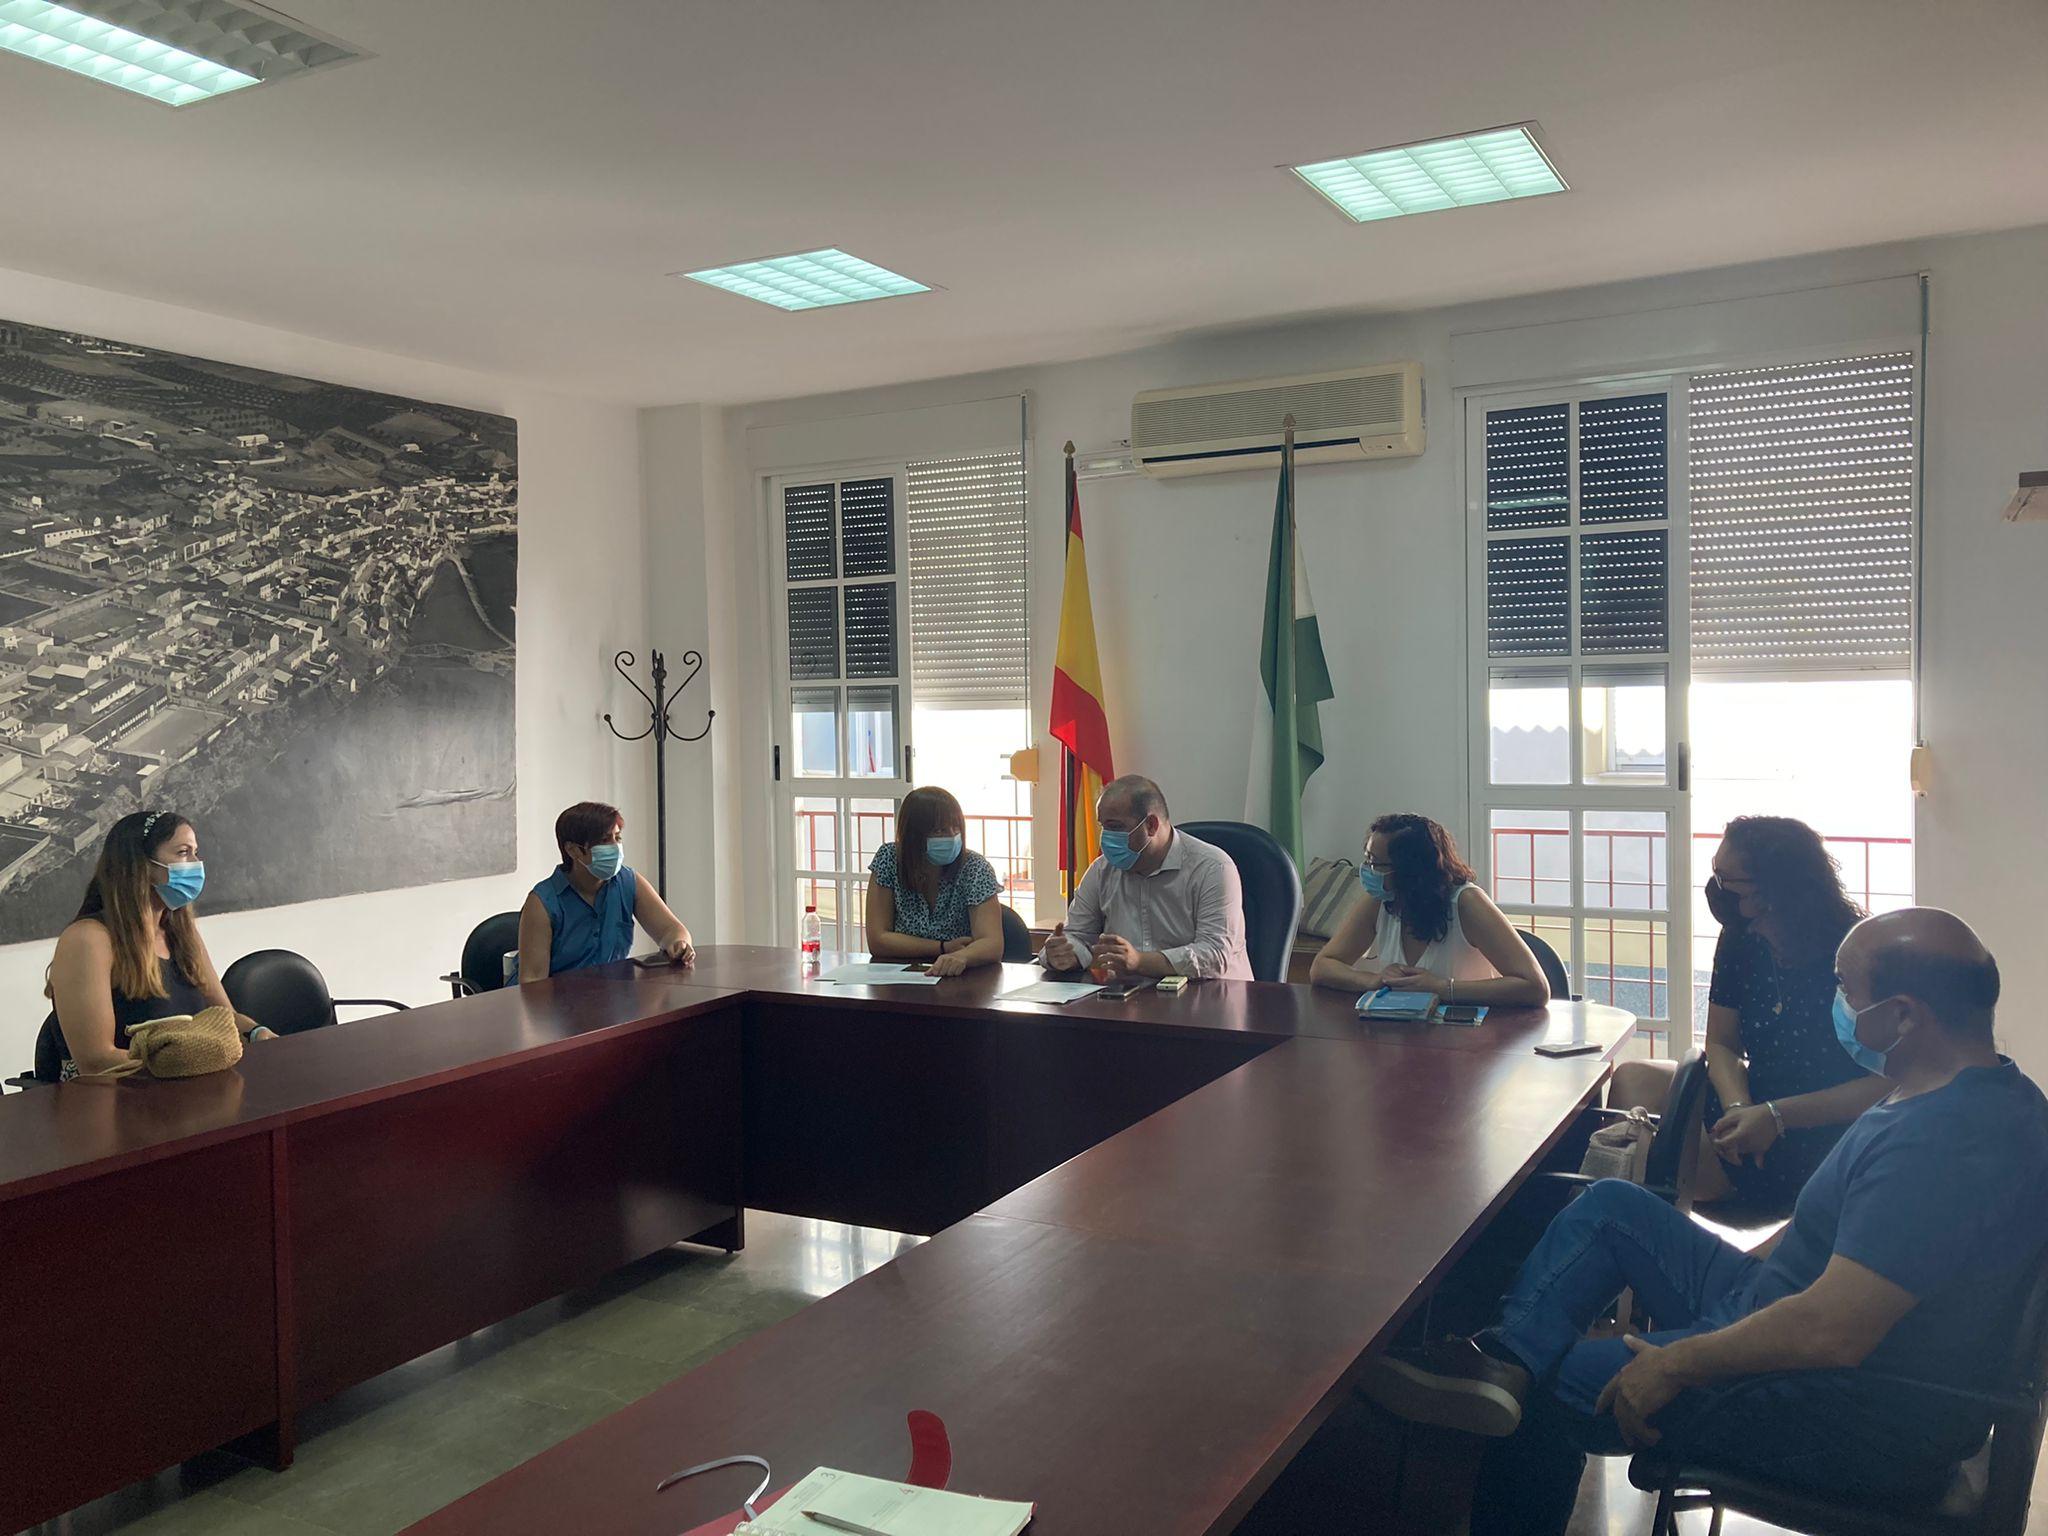 Villanueva Mesía ofrecerá contratos de trabajo a personas vulnerable gracias al apoyo de Diputación